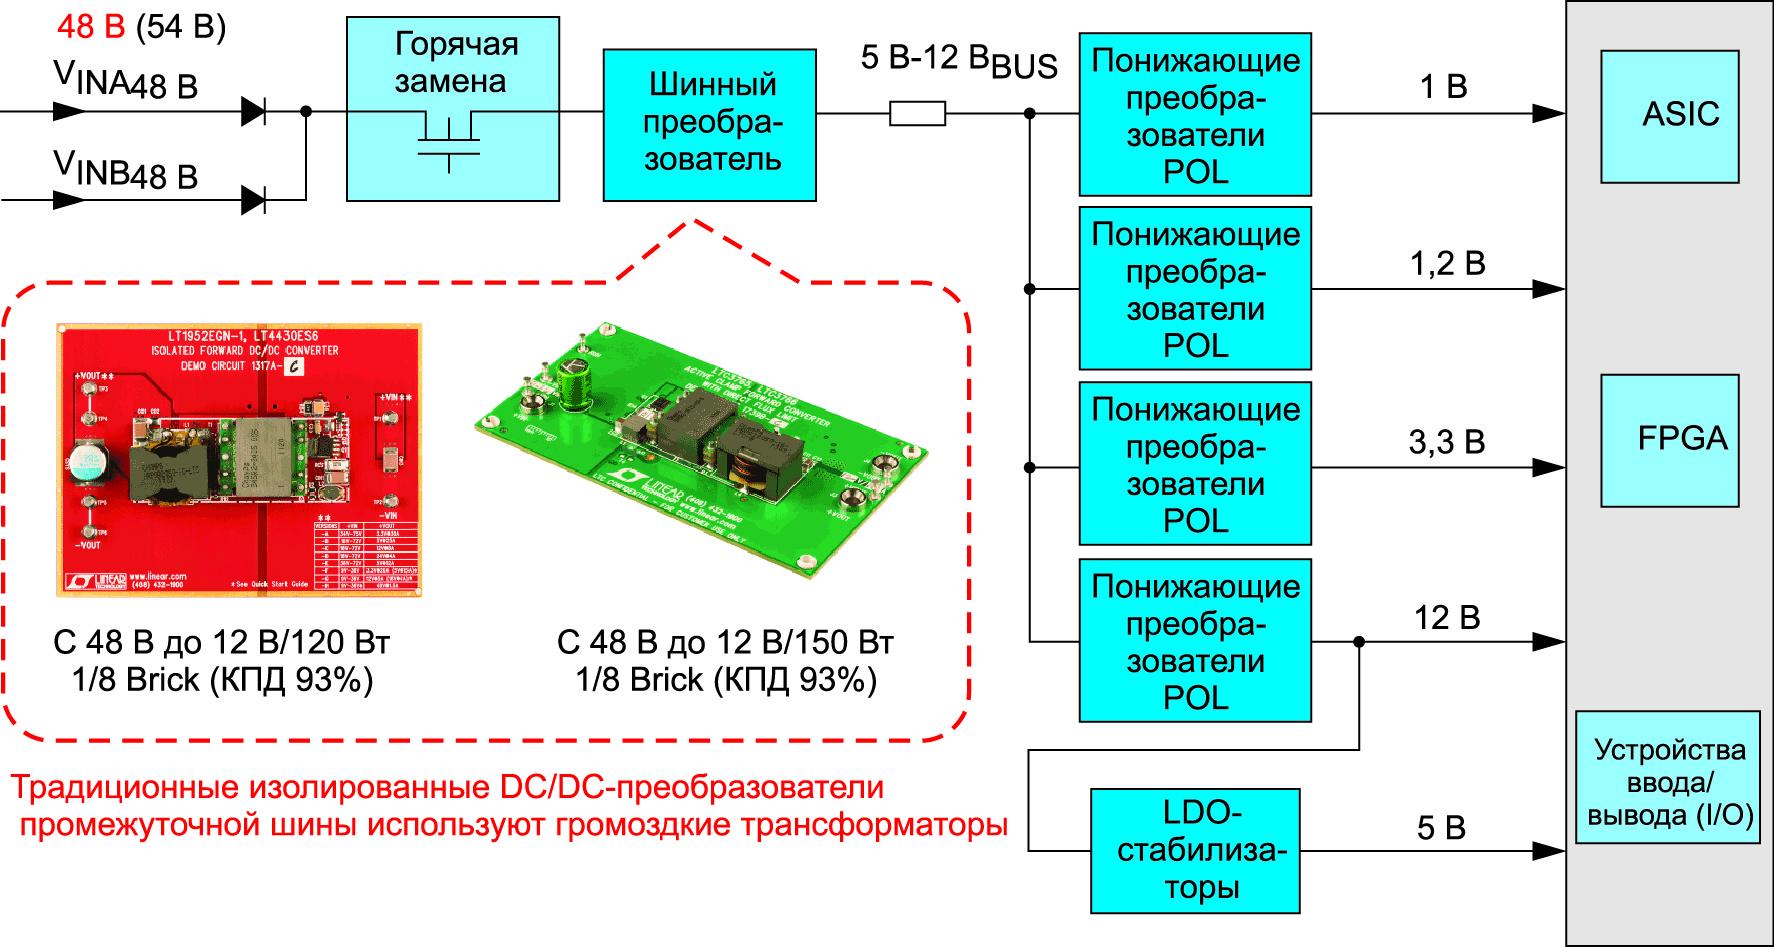 Типичная архитектура, использующаяся для организации системы распределенного питания